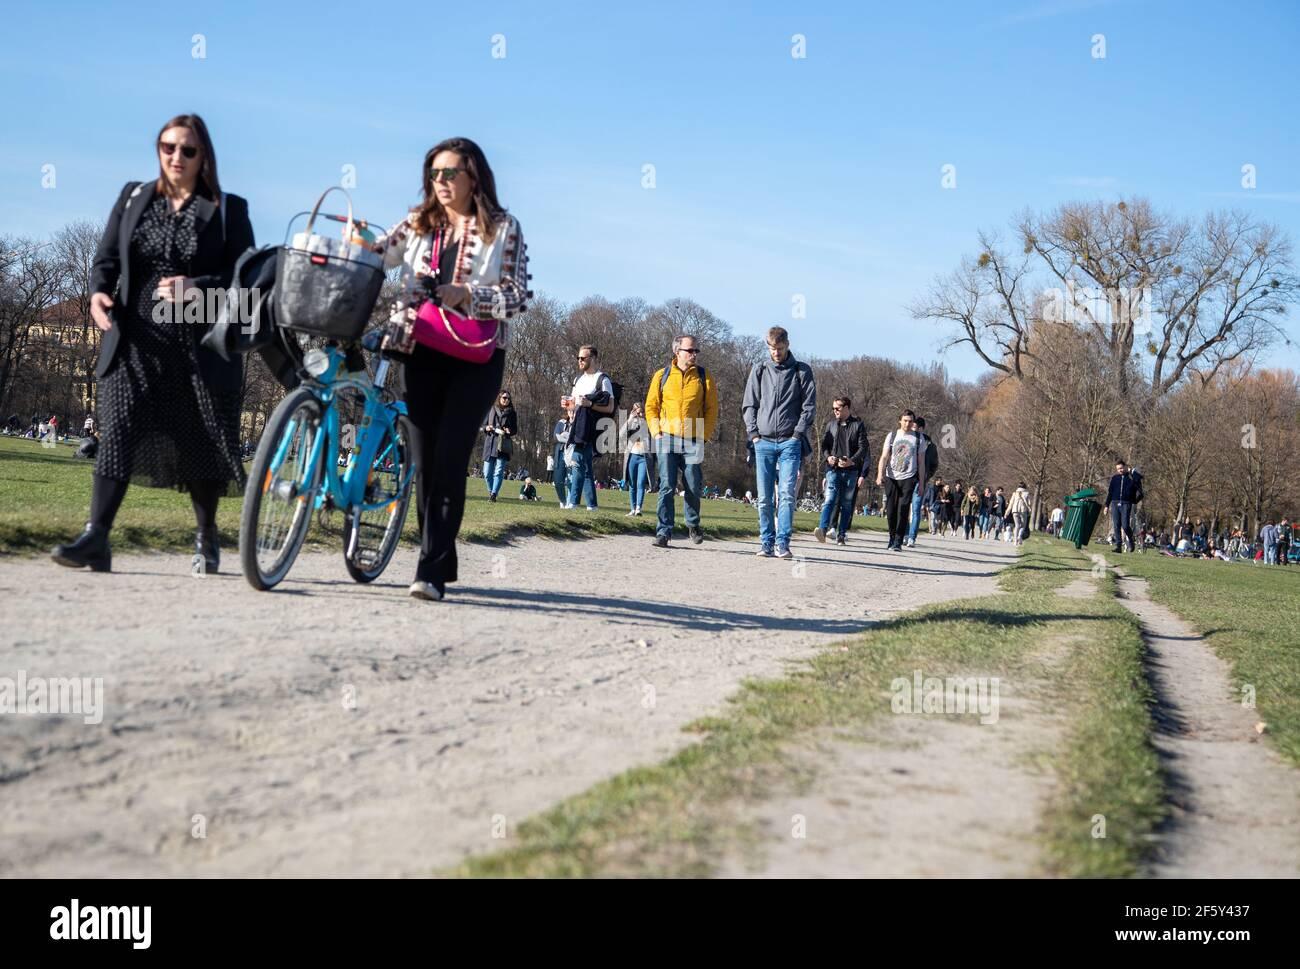 Viele Menschen gehen an einem schönen Sonntag Nachmittag am 28.3.2021 in den Englischen Garten in München. Coronavirus Inzidenz beträgt aktuell 98, 8. Sollte die Inzidenz an drei Tagen über 100 liegen, so tritt die Notbremse in Kraft, so dass die Öffnungen müssen zurückgezogen werden und eine nächtliche Ausgangssperre tritt in Kraft. - Many people on a sunny sunday afternoon go to the English Garten in Munich Germany on March 28. The Covid-19 incidence is 98.8. if it will rise above 100 heavy measures such as a complete lockdown during the night. (Photo by Alexander Pohl/Sipa USA) Stock Photo